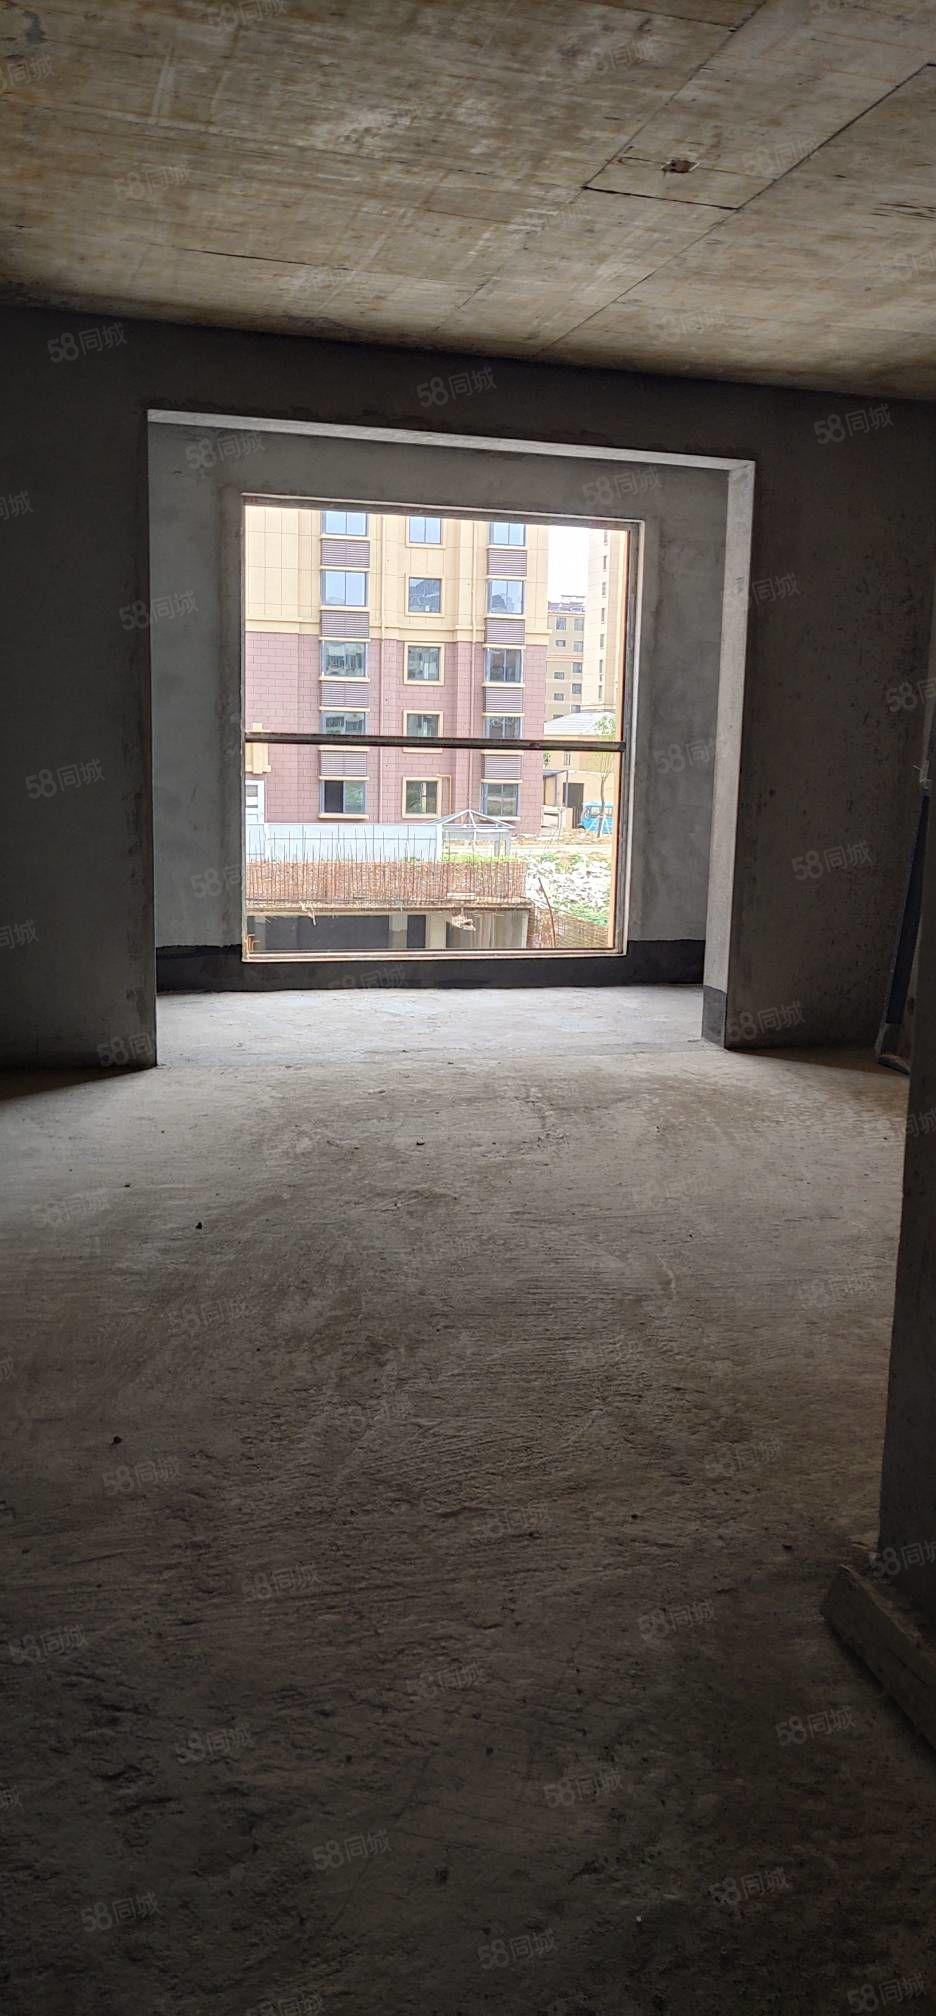 澜庭湾108平方三室2厅带地下储,双学区位置好,随时看房